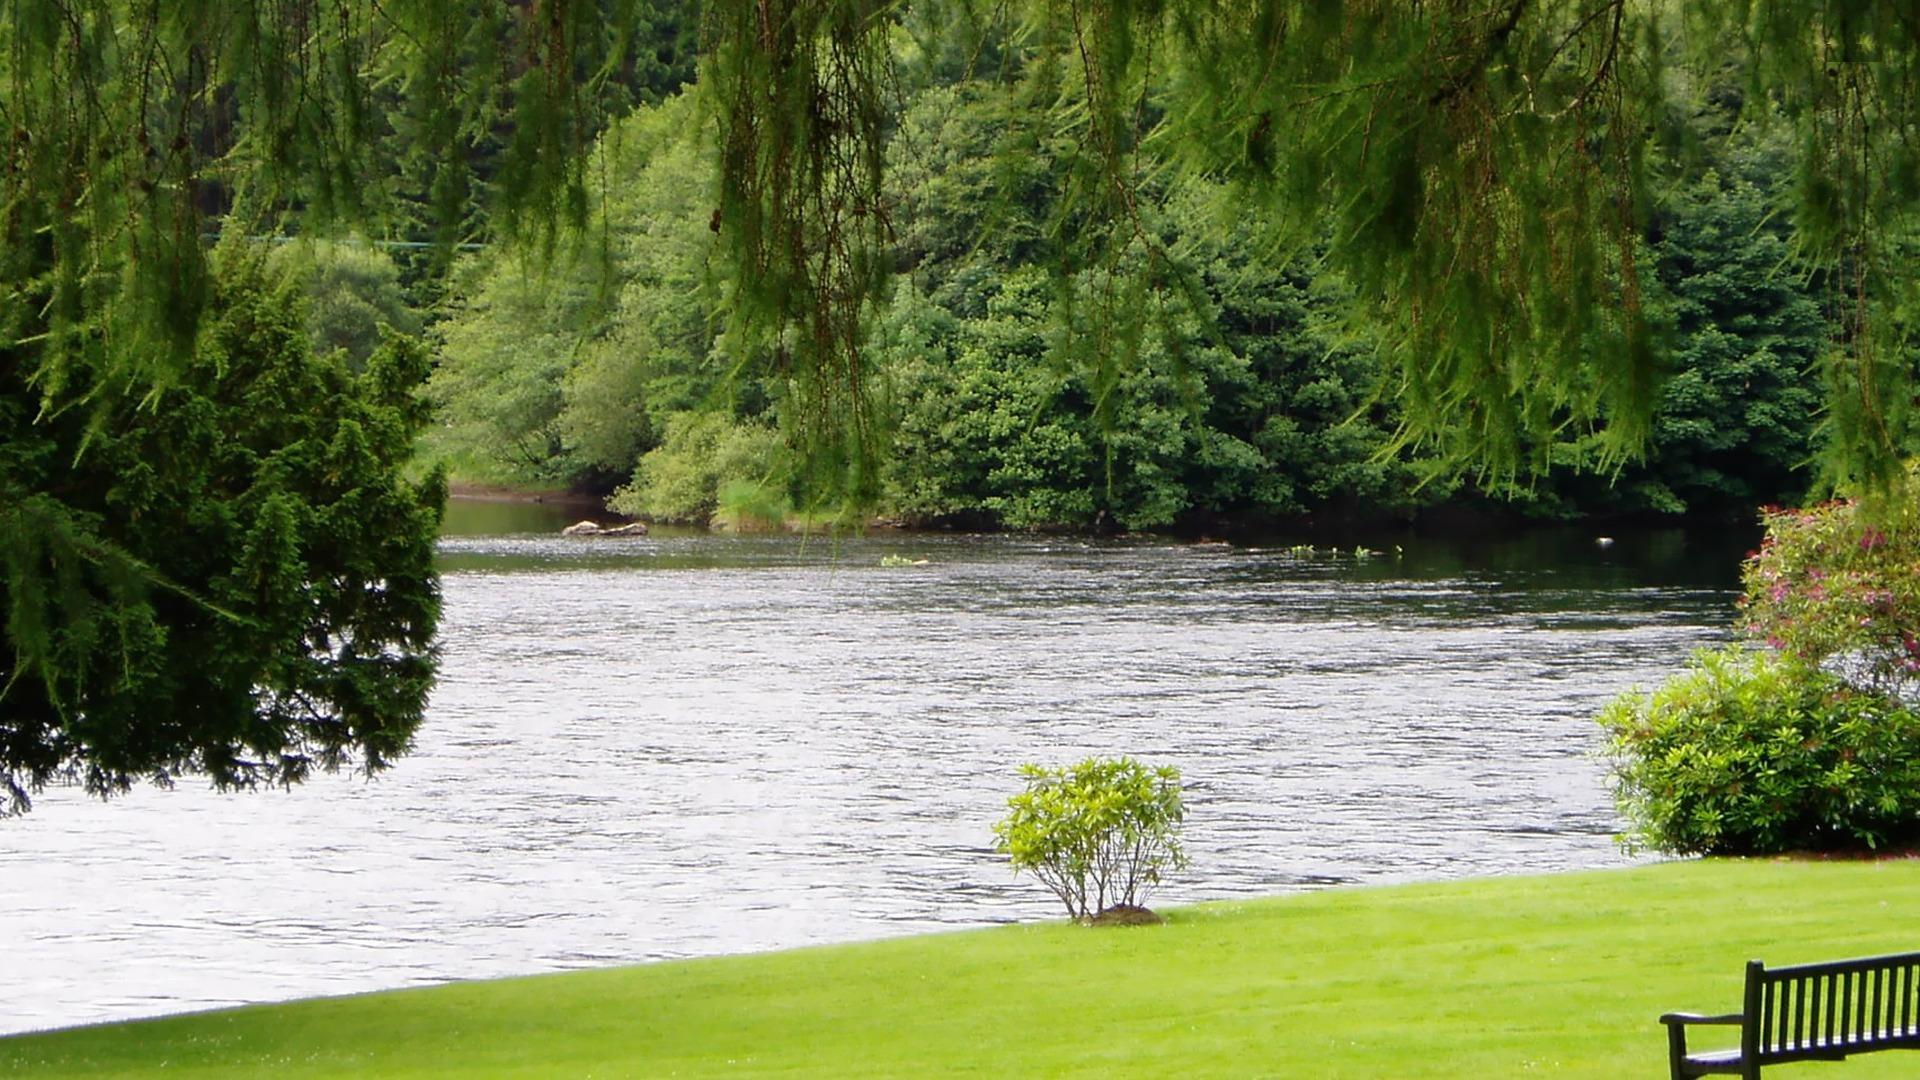 выбор фото лужаек на берегу реки можете настроить автозагрузку